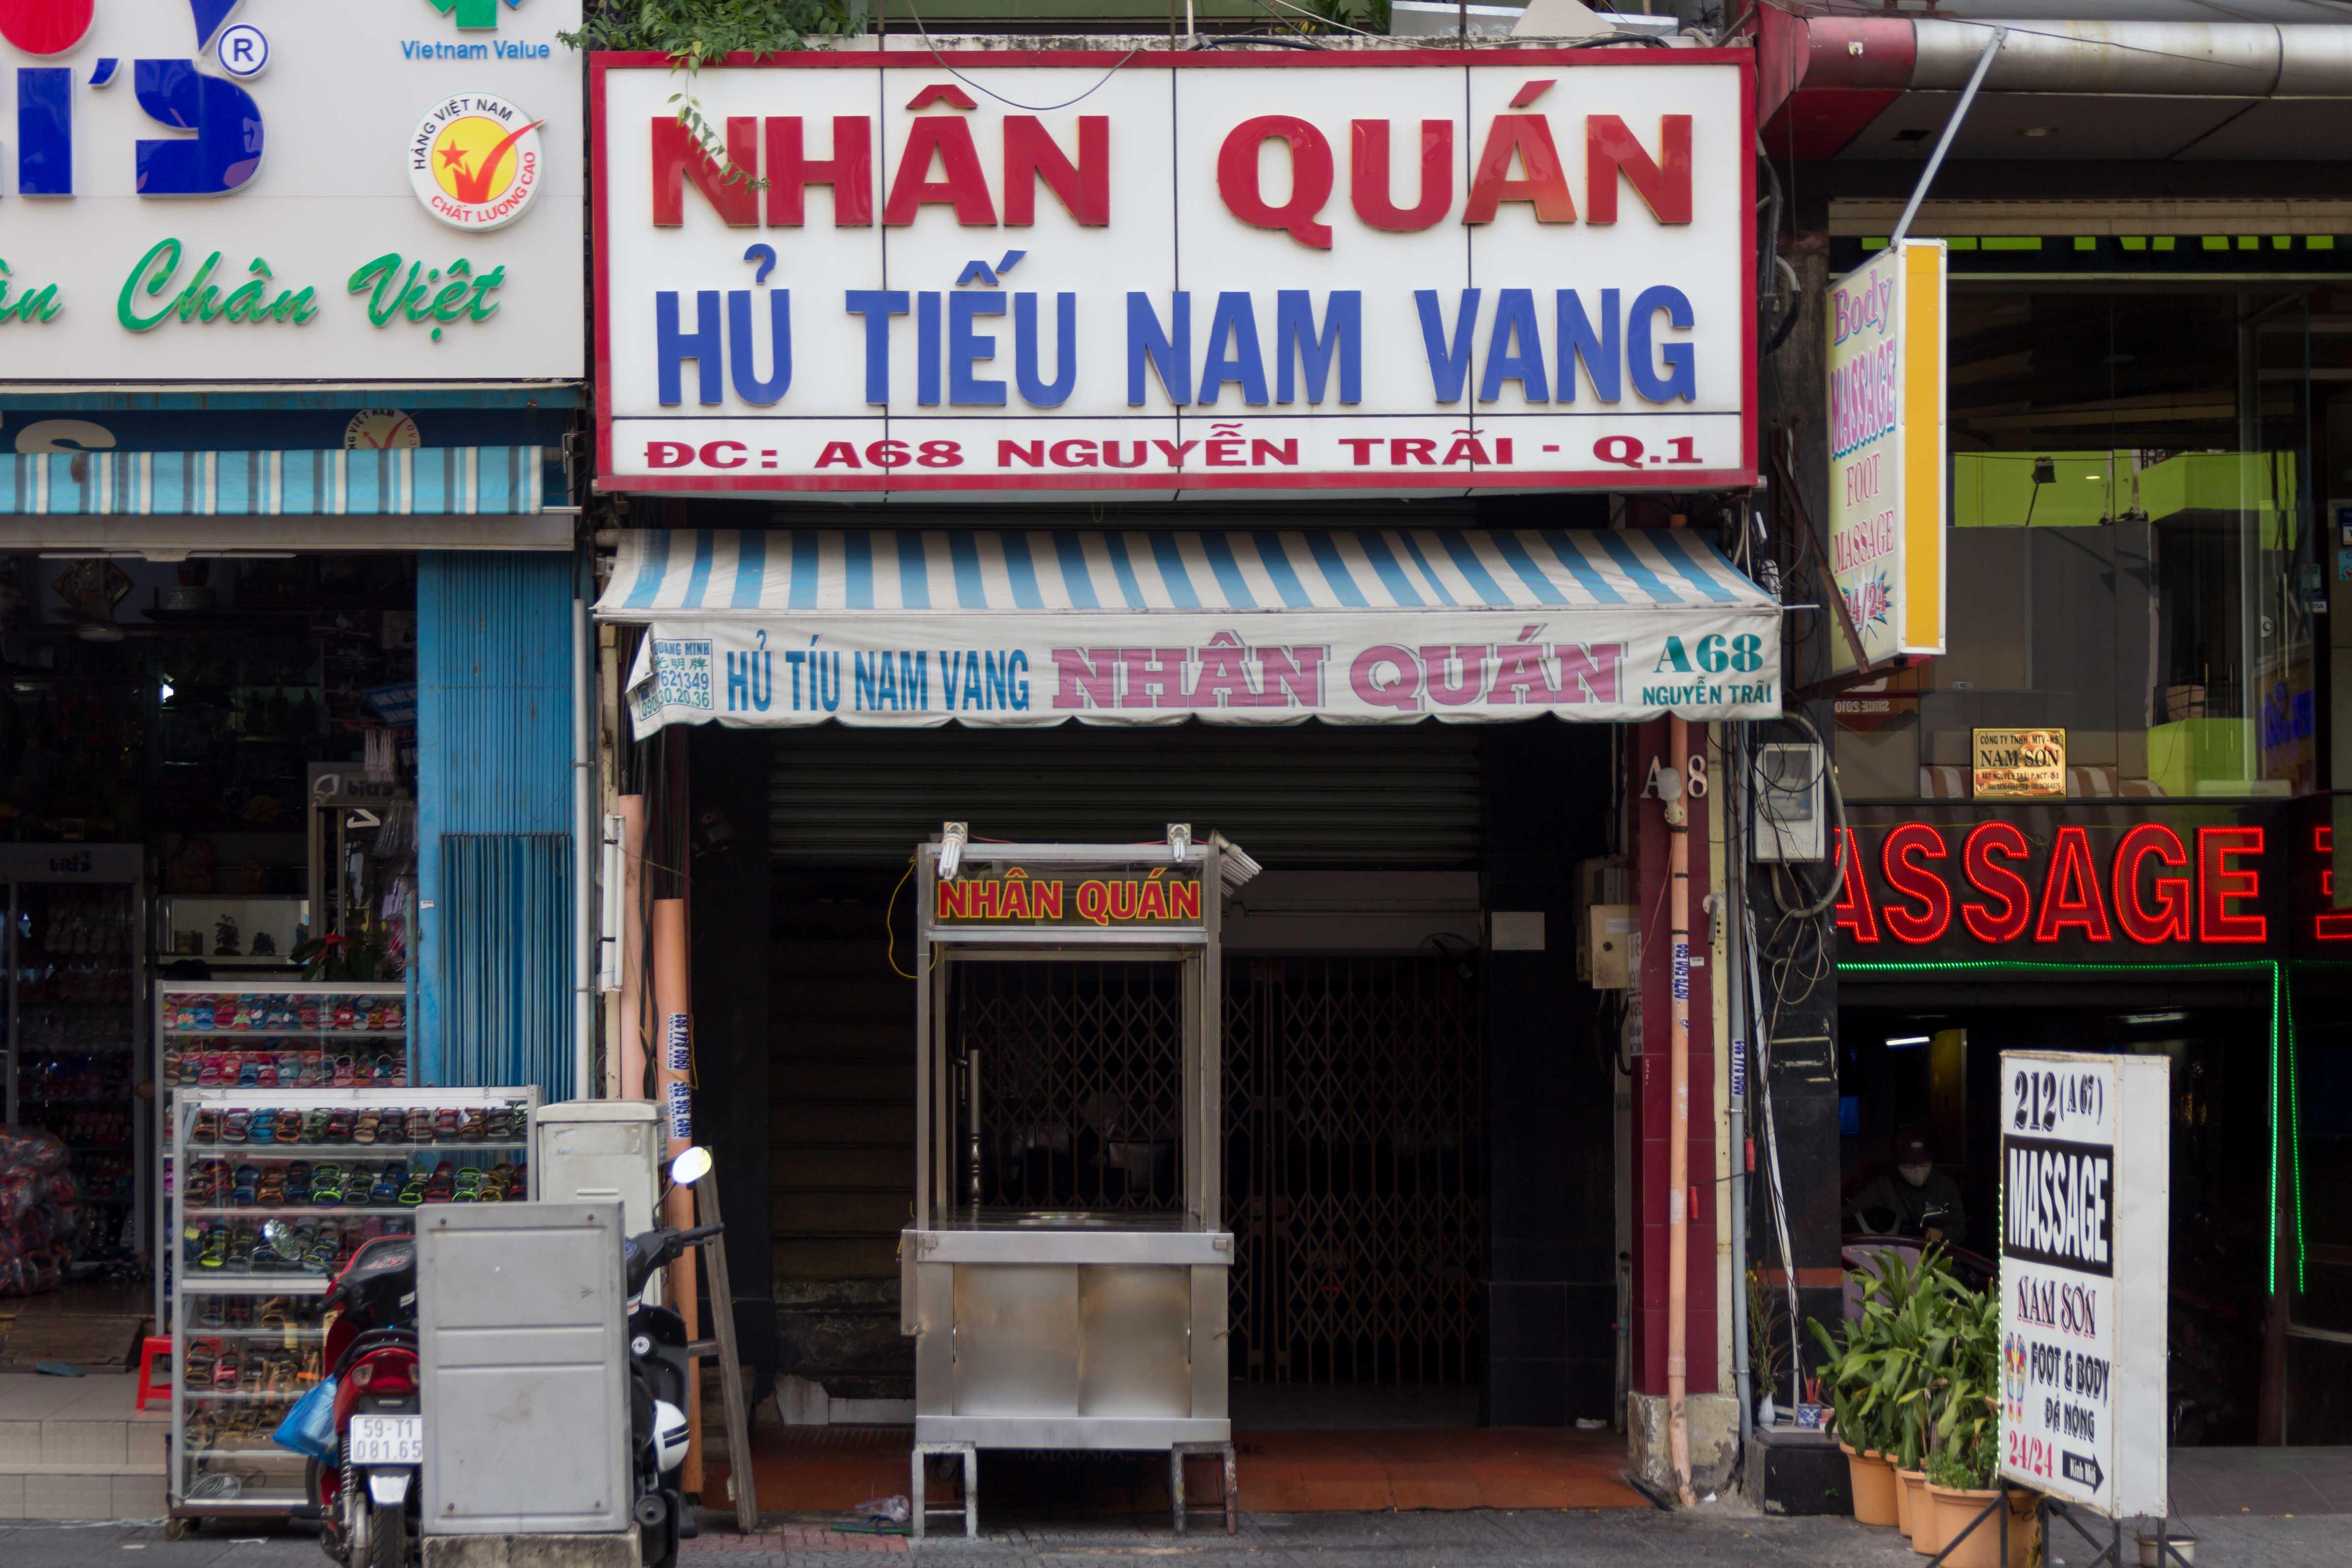 Nguyen Trai Street